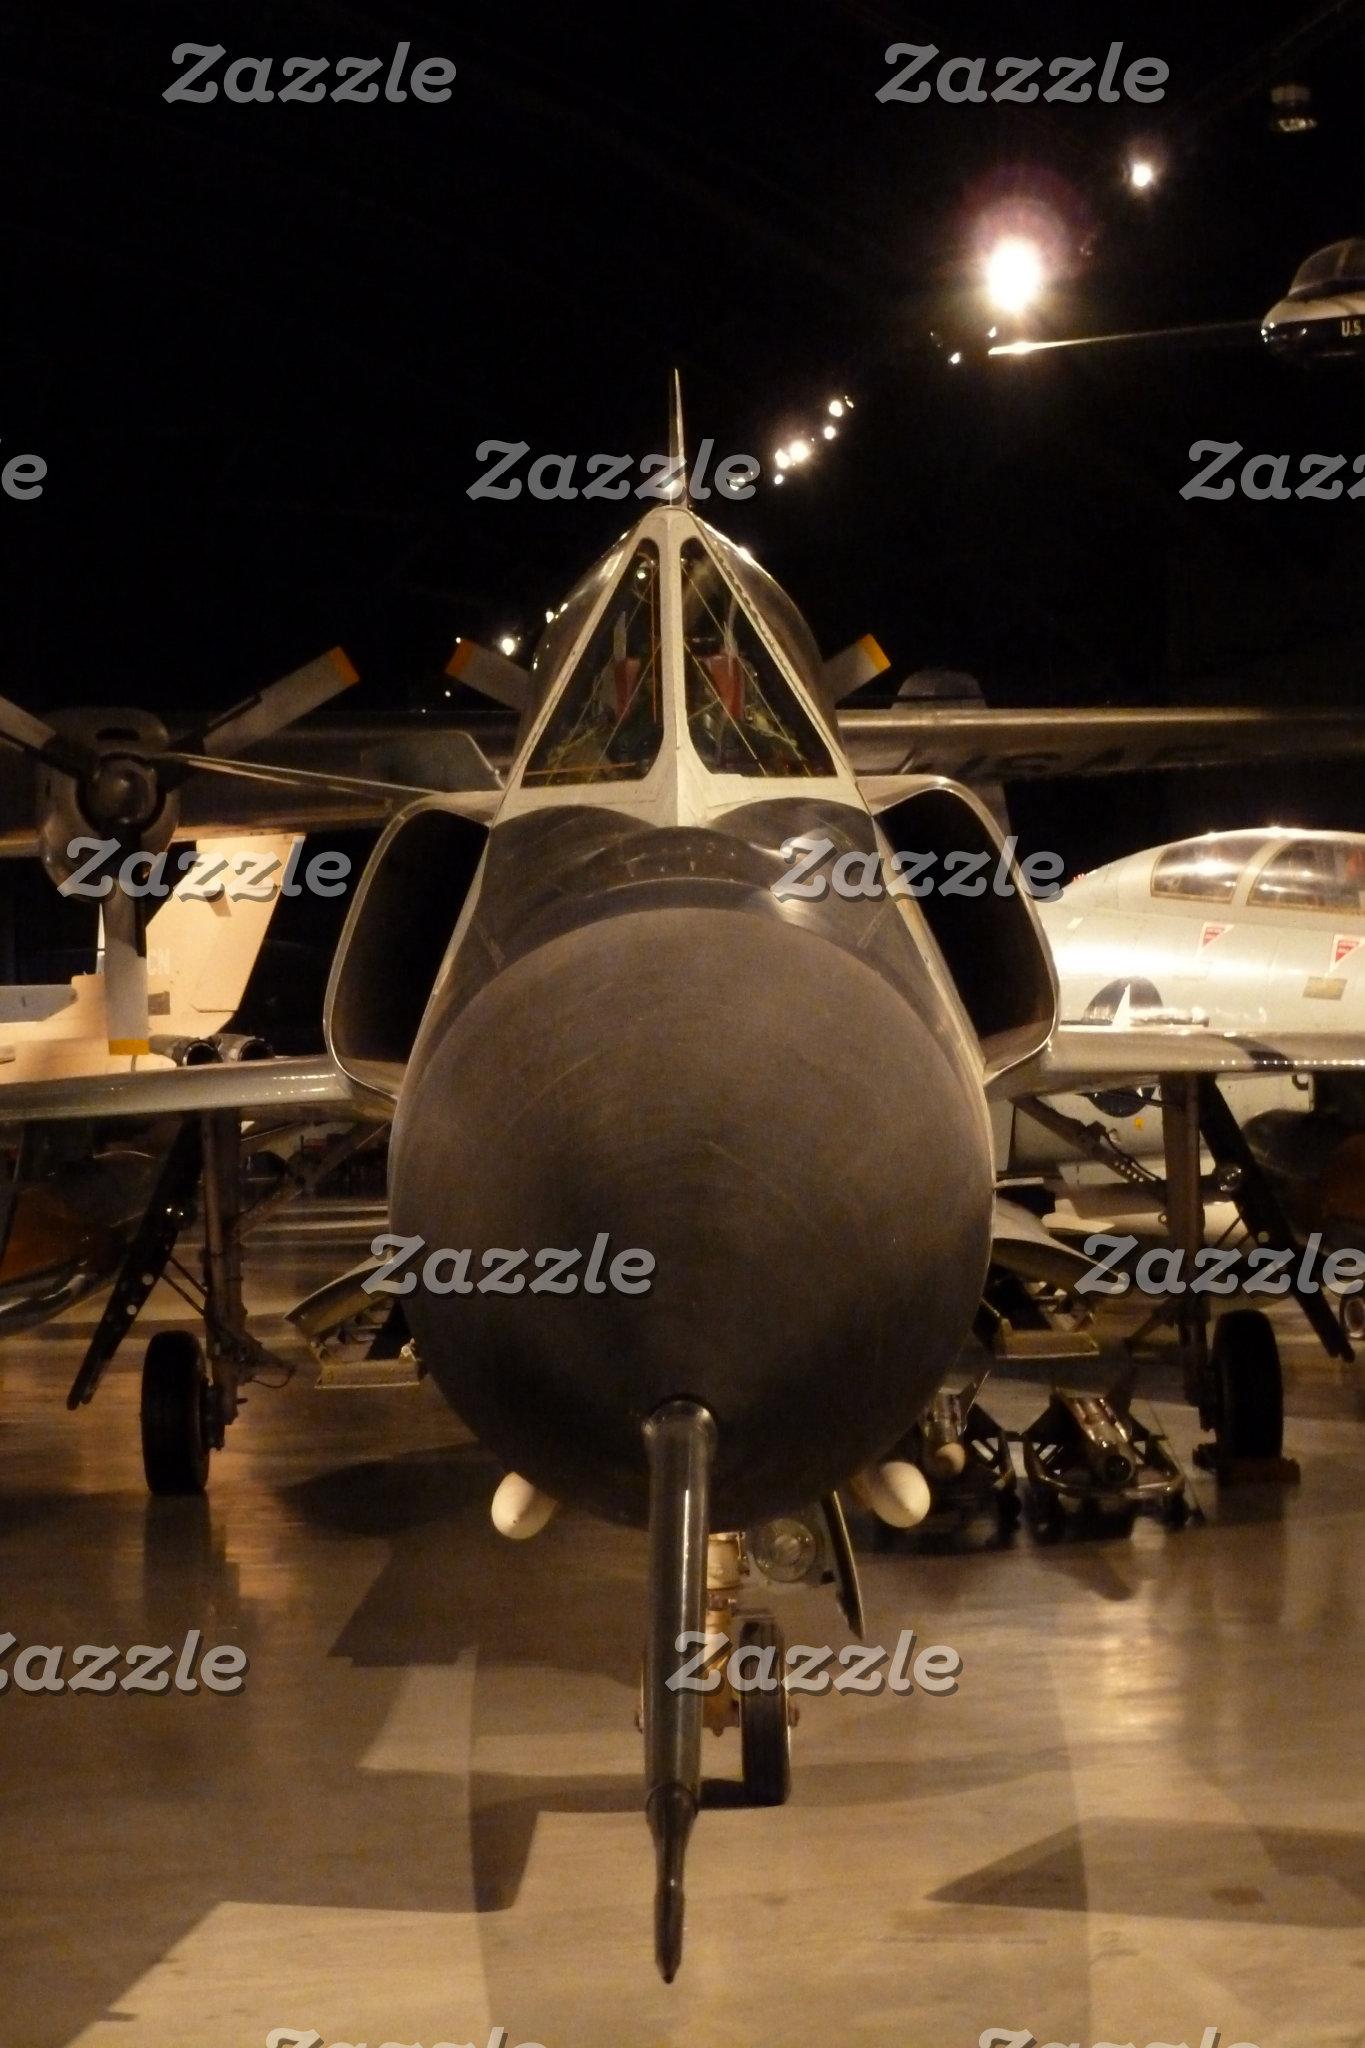 Matthews Aviation Art